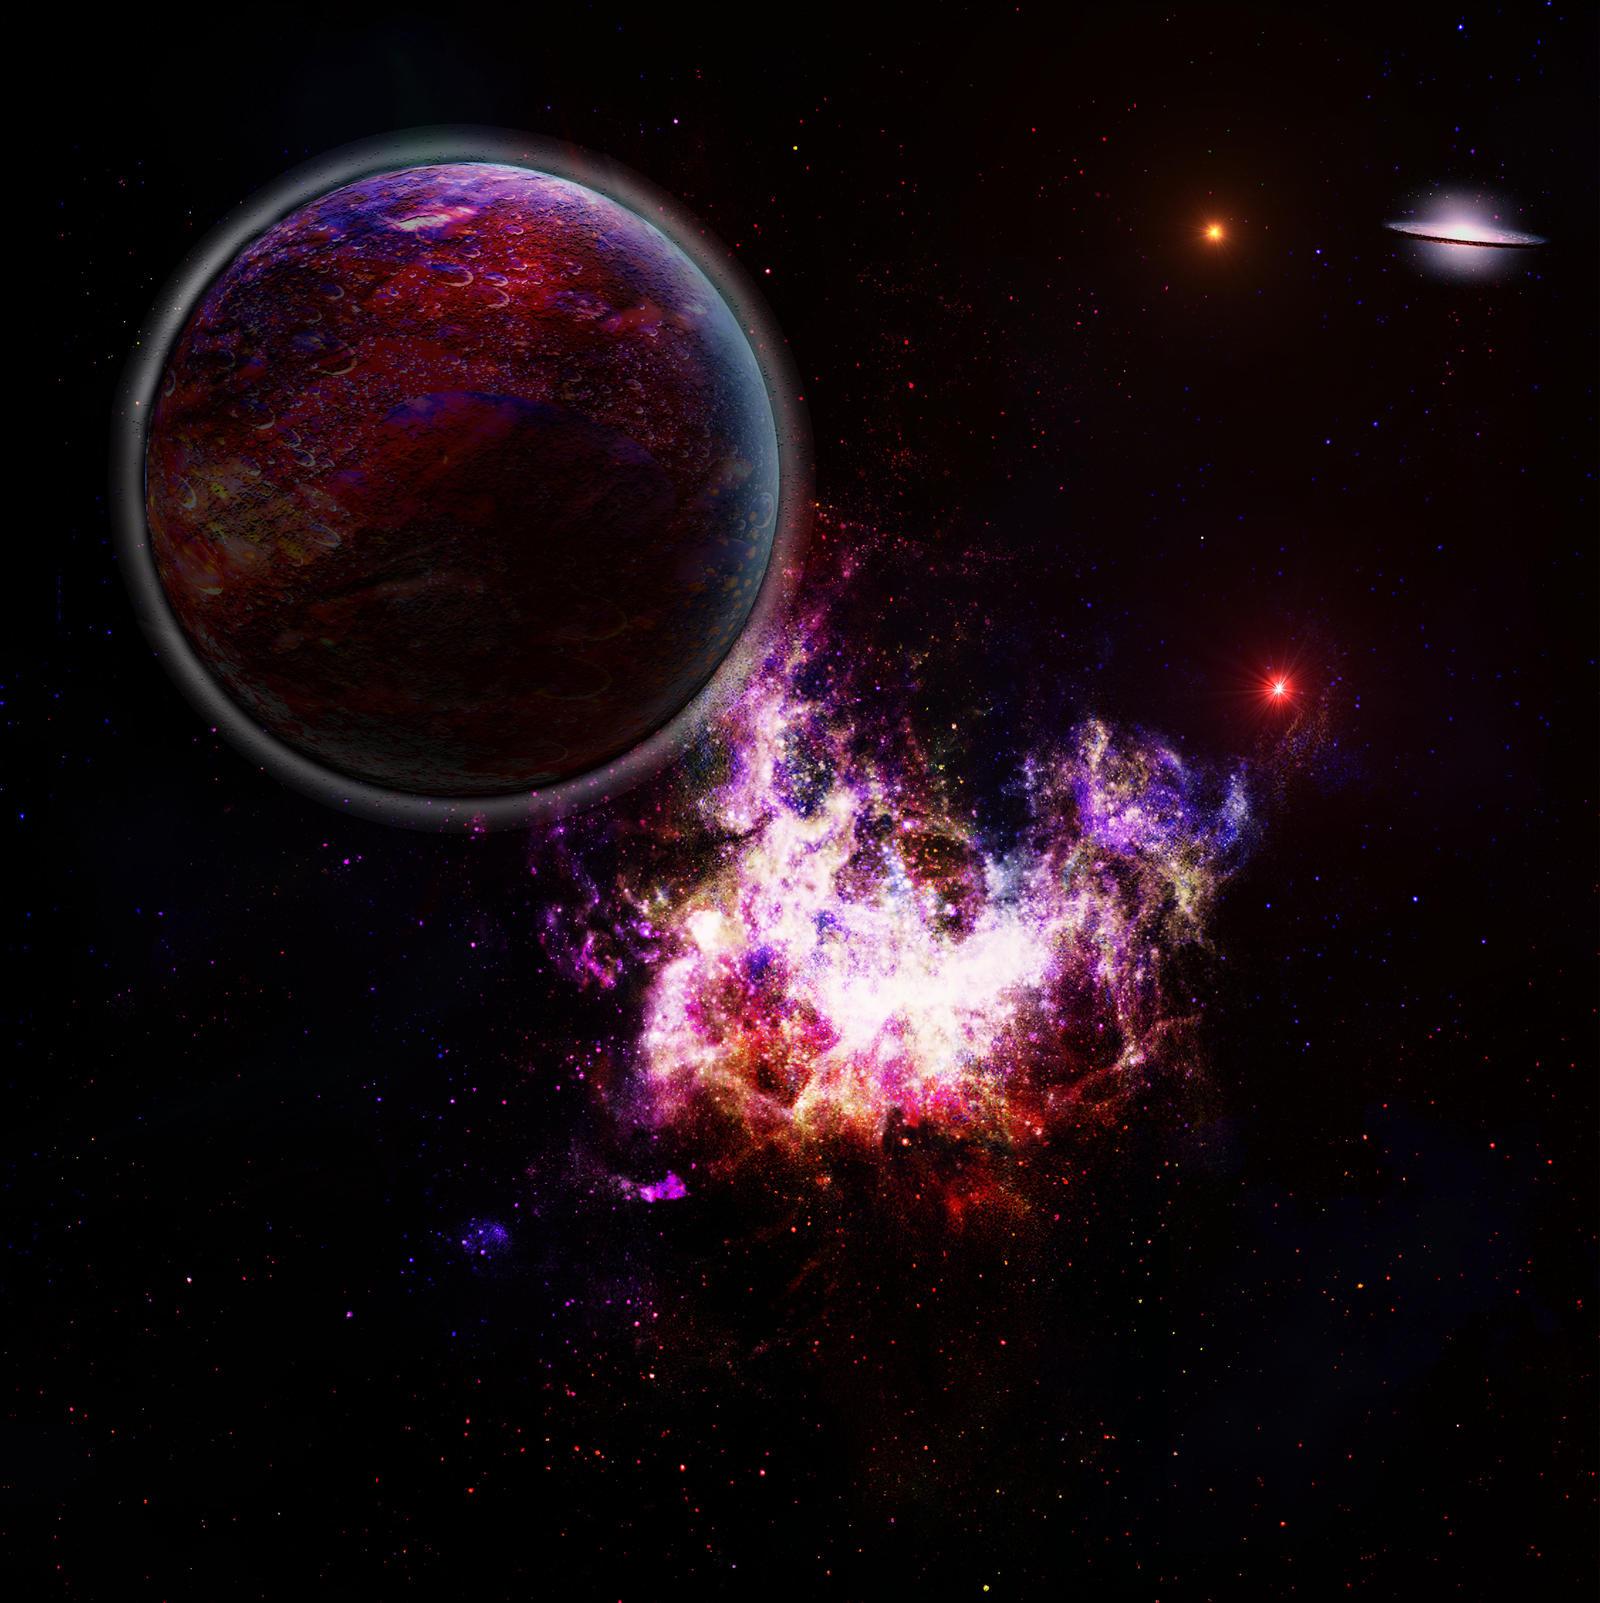 El Planeta N'viiuldhyttan